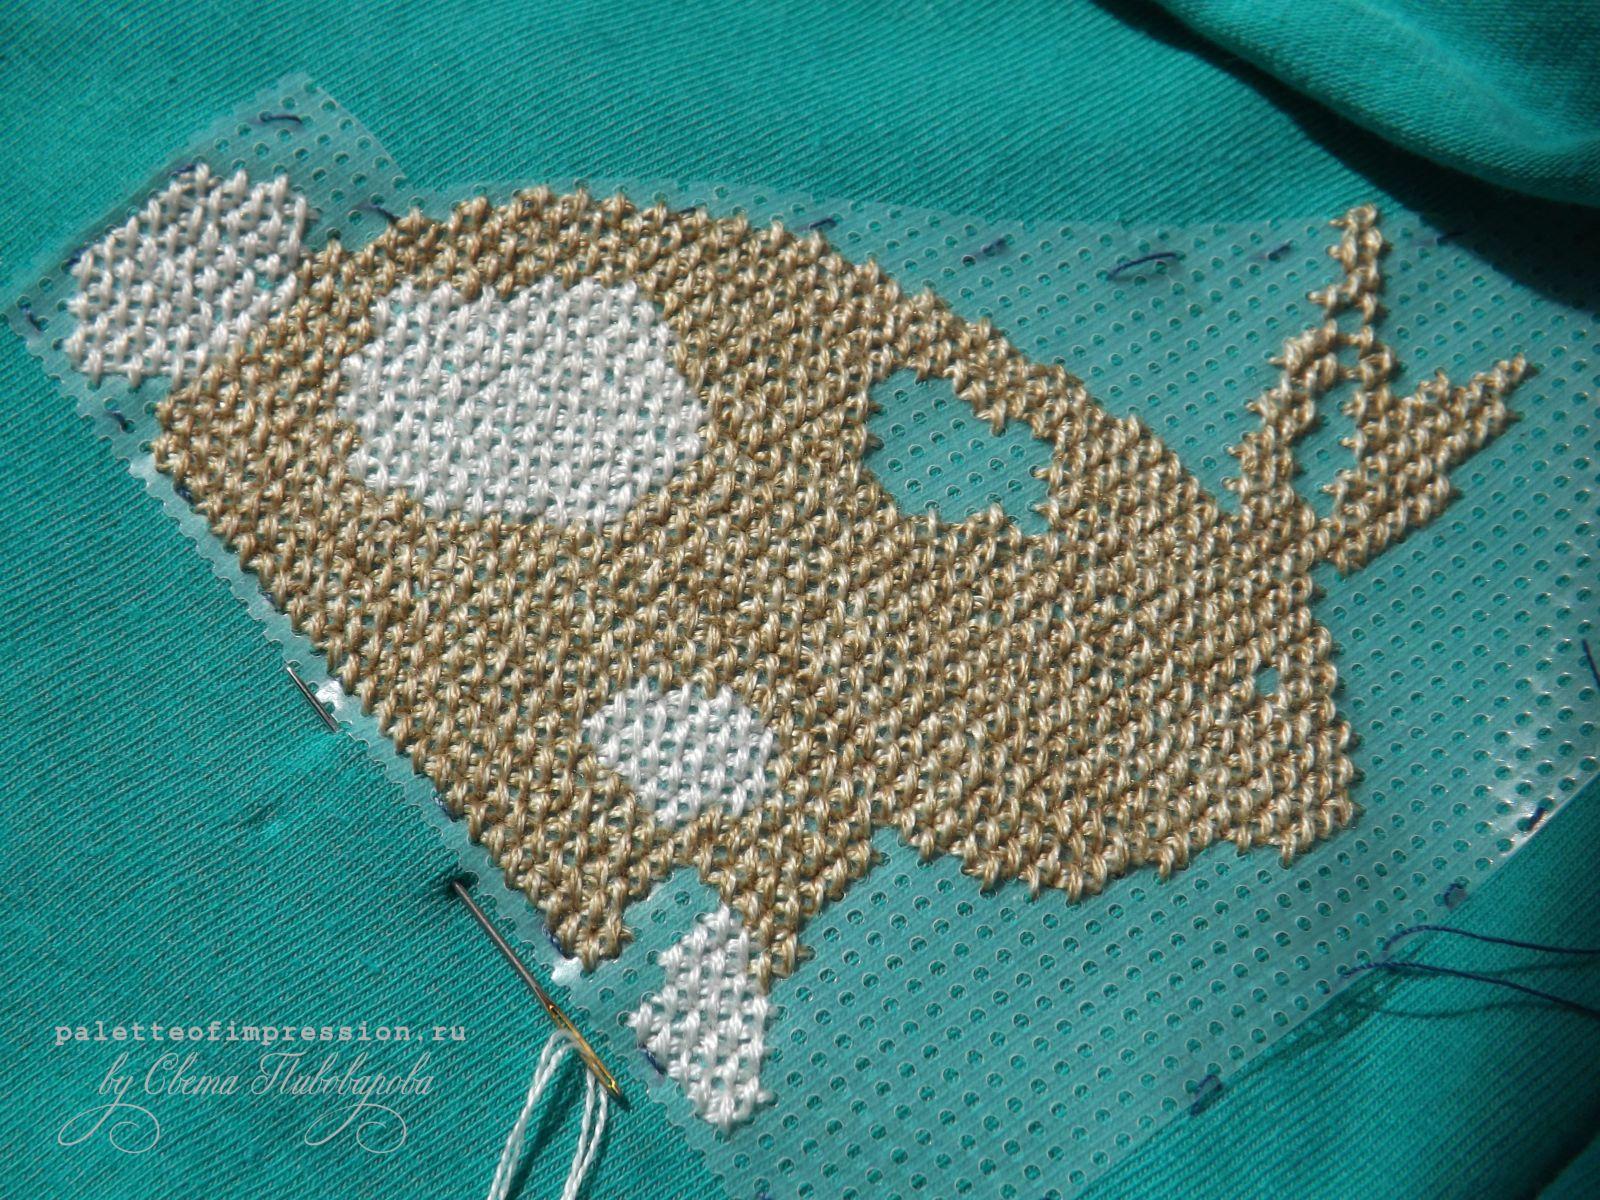 Вышивка крестом на трикотаже с водорастворимой канвой.